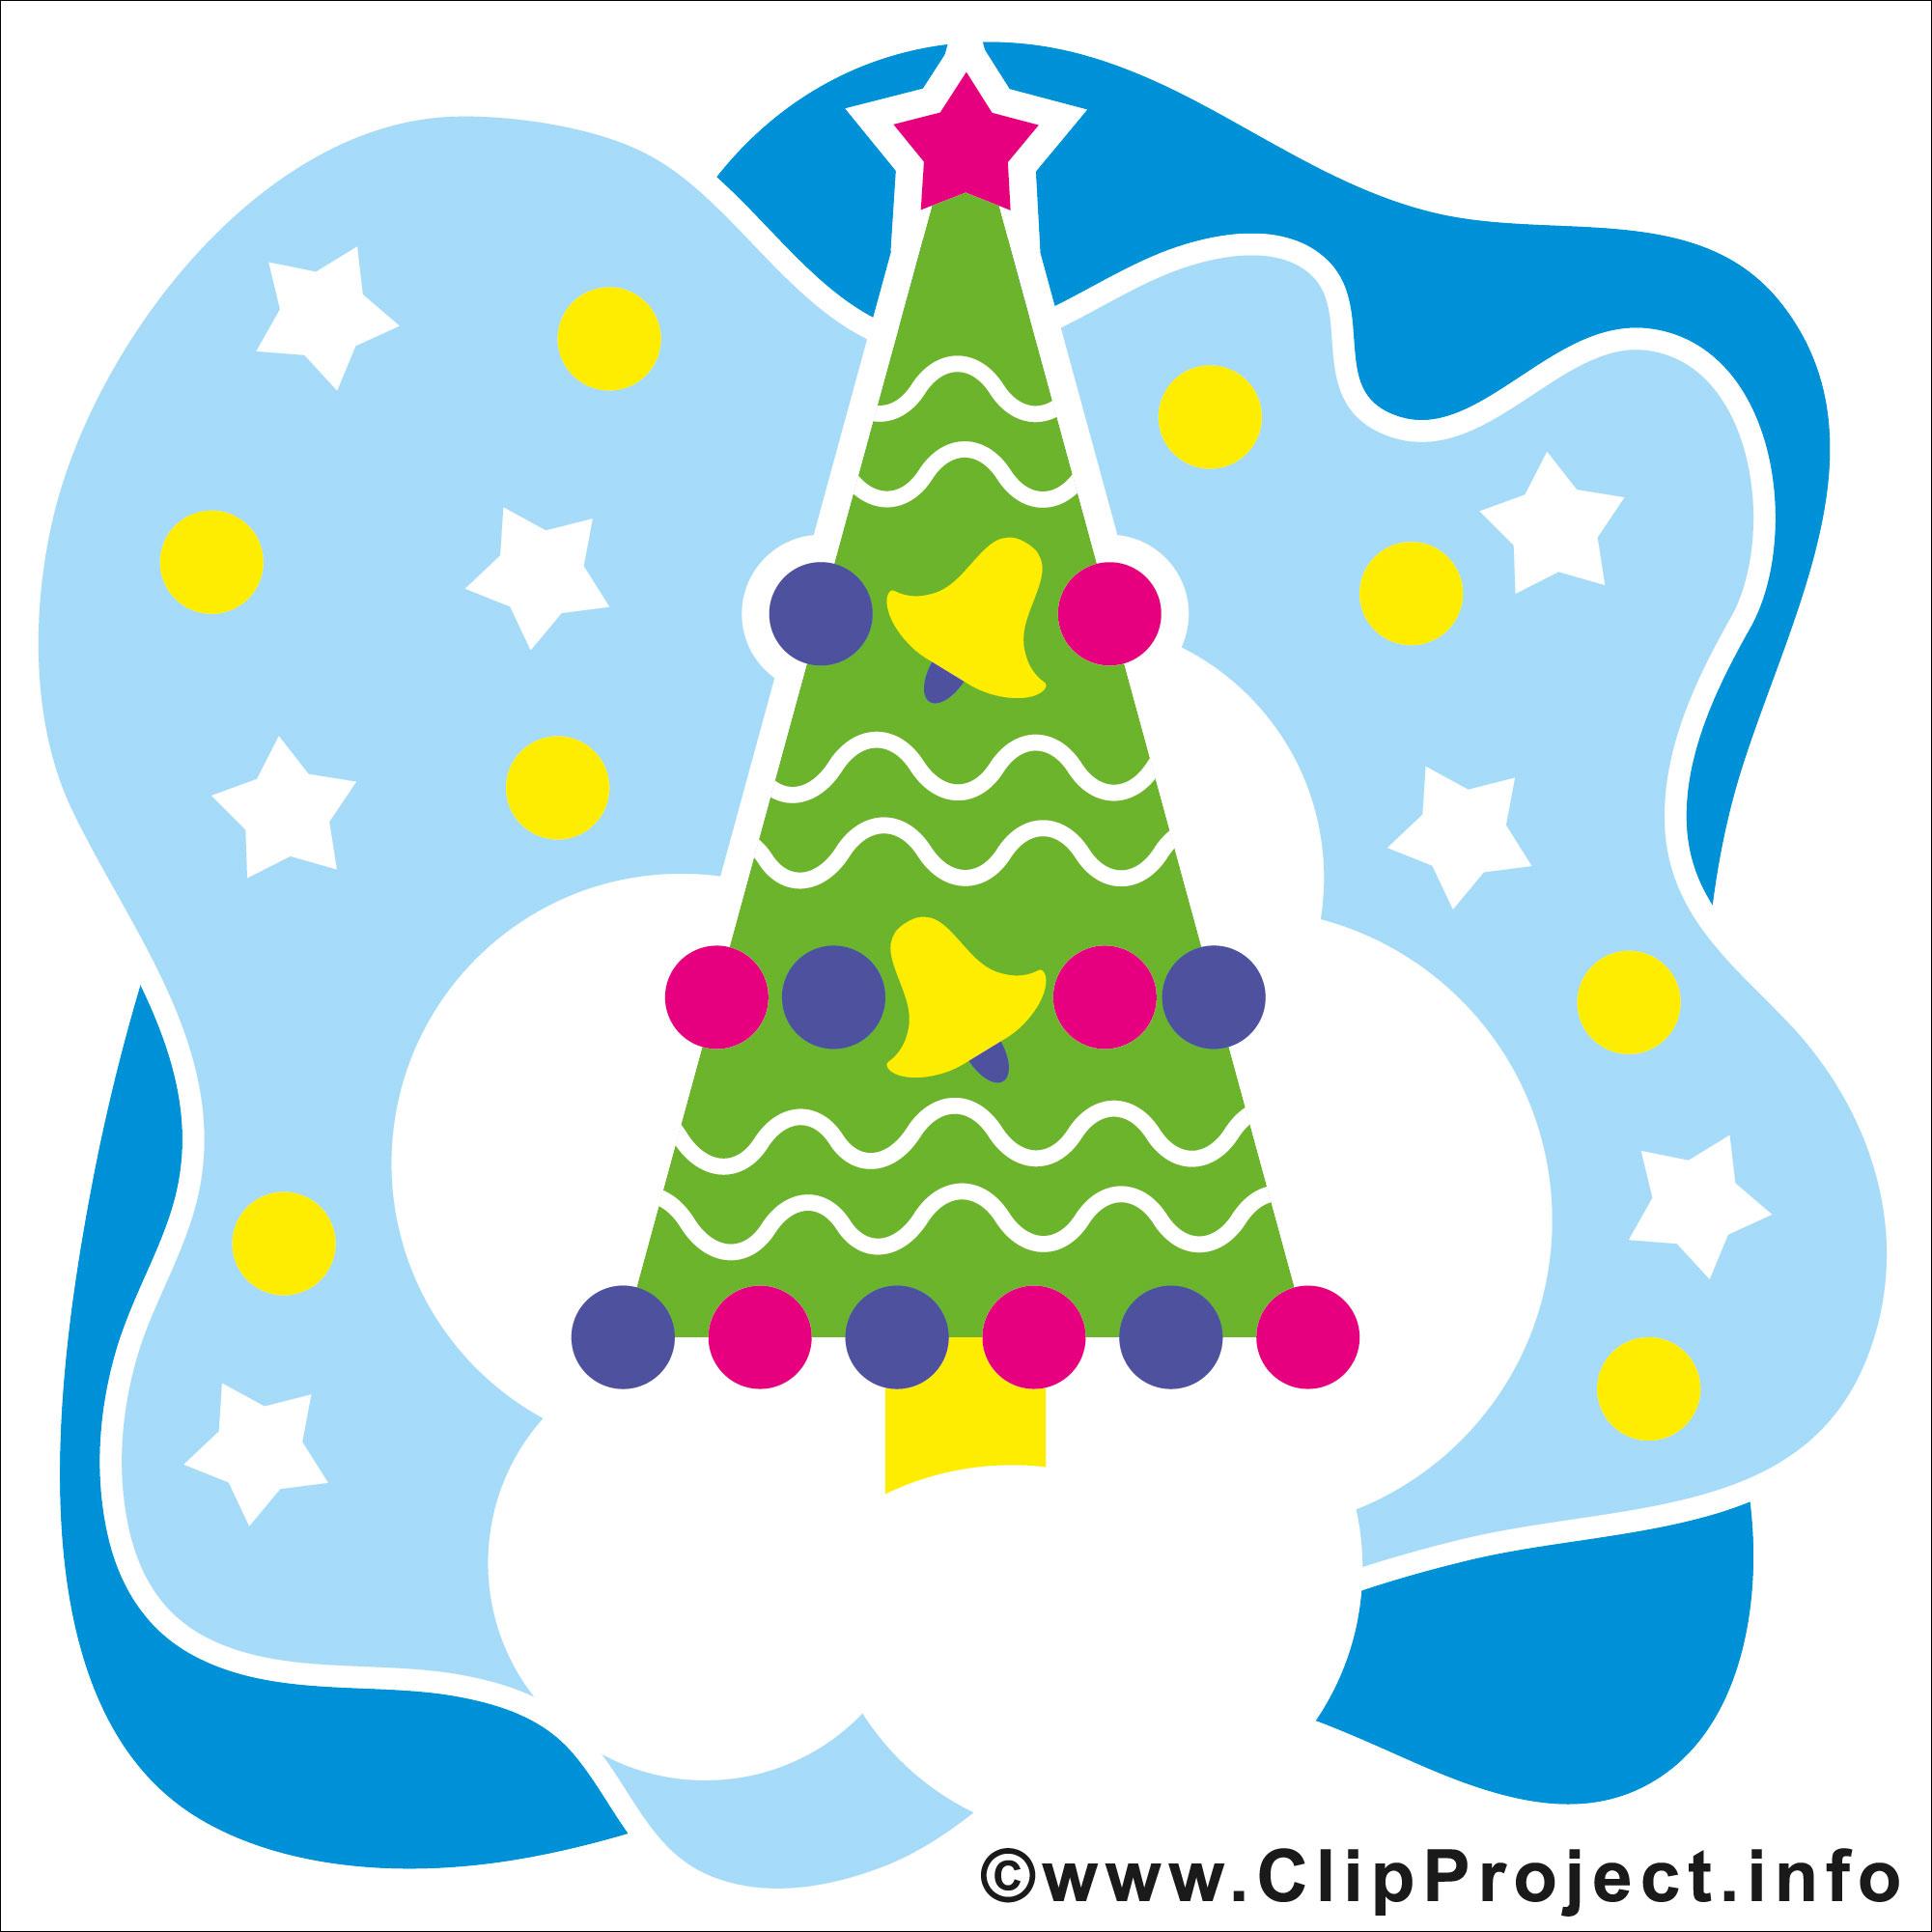 Clipart Frohe Weihnachten kostenlos.